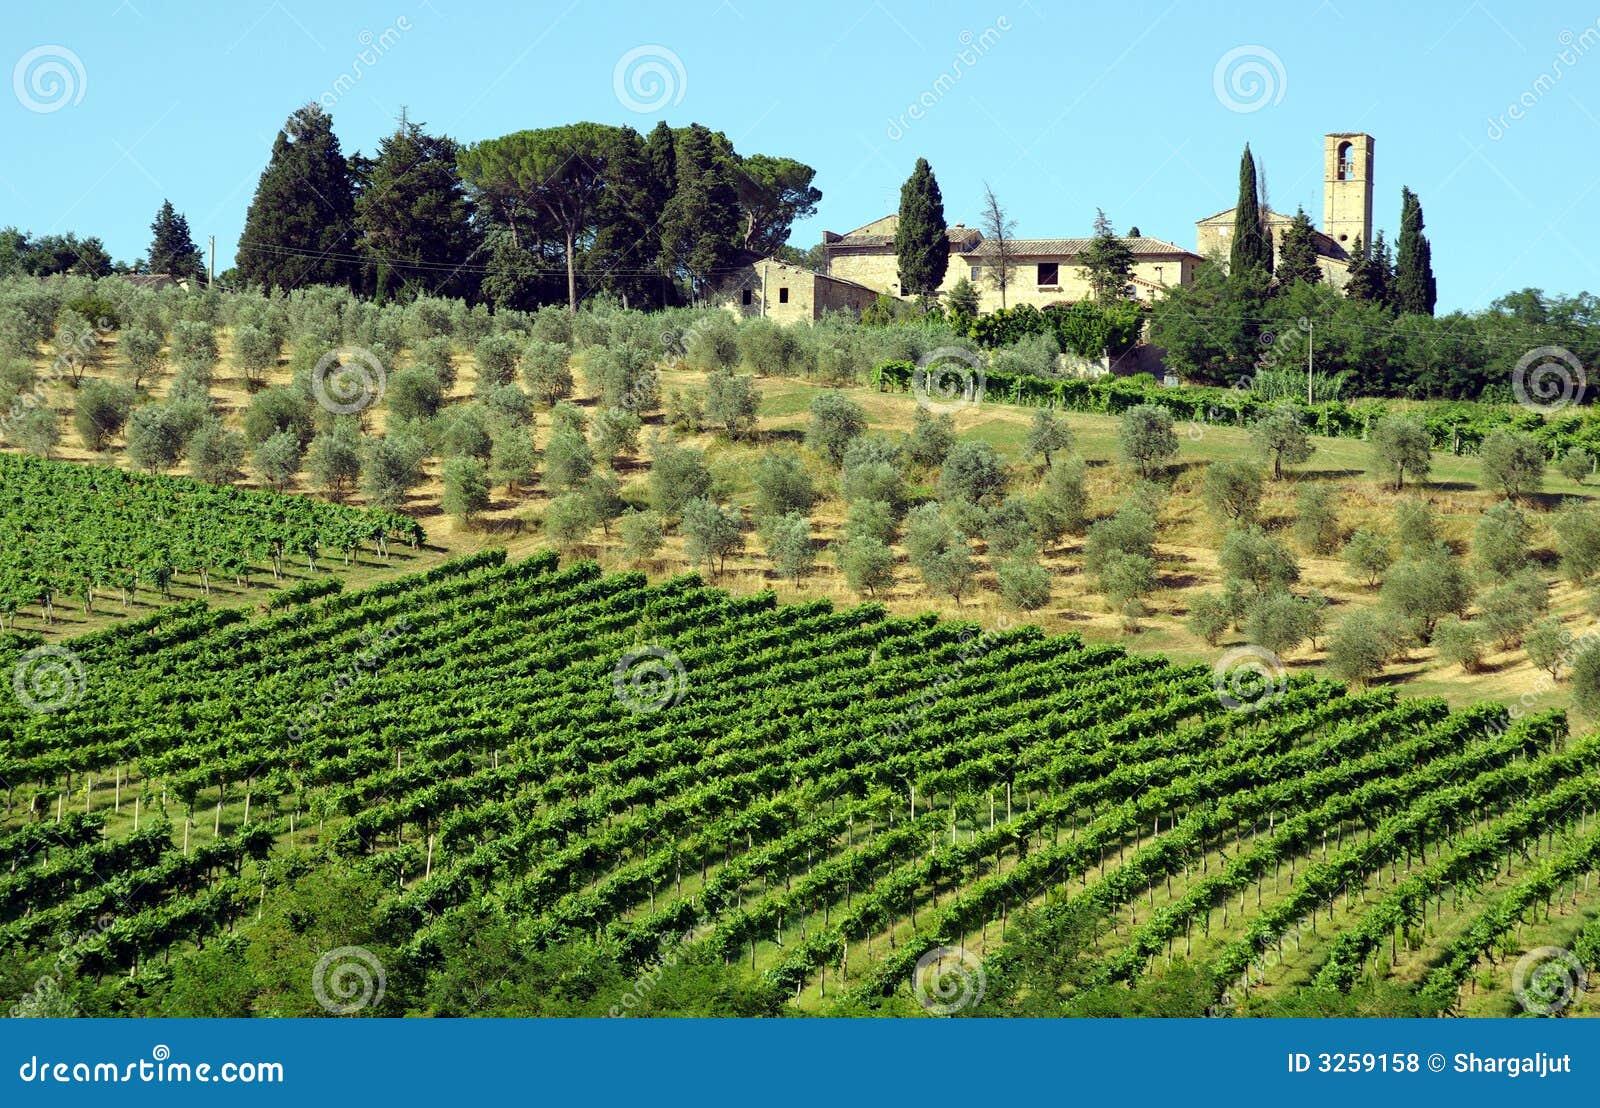 Farm In Tuscany Italy Royalty Free Stock s Image